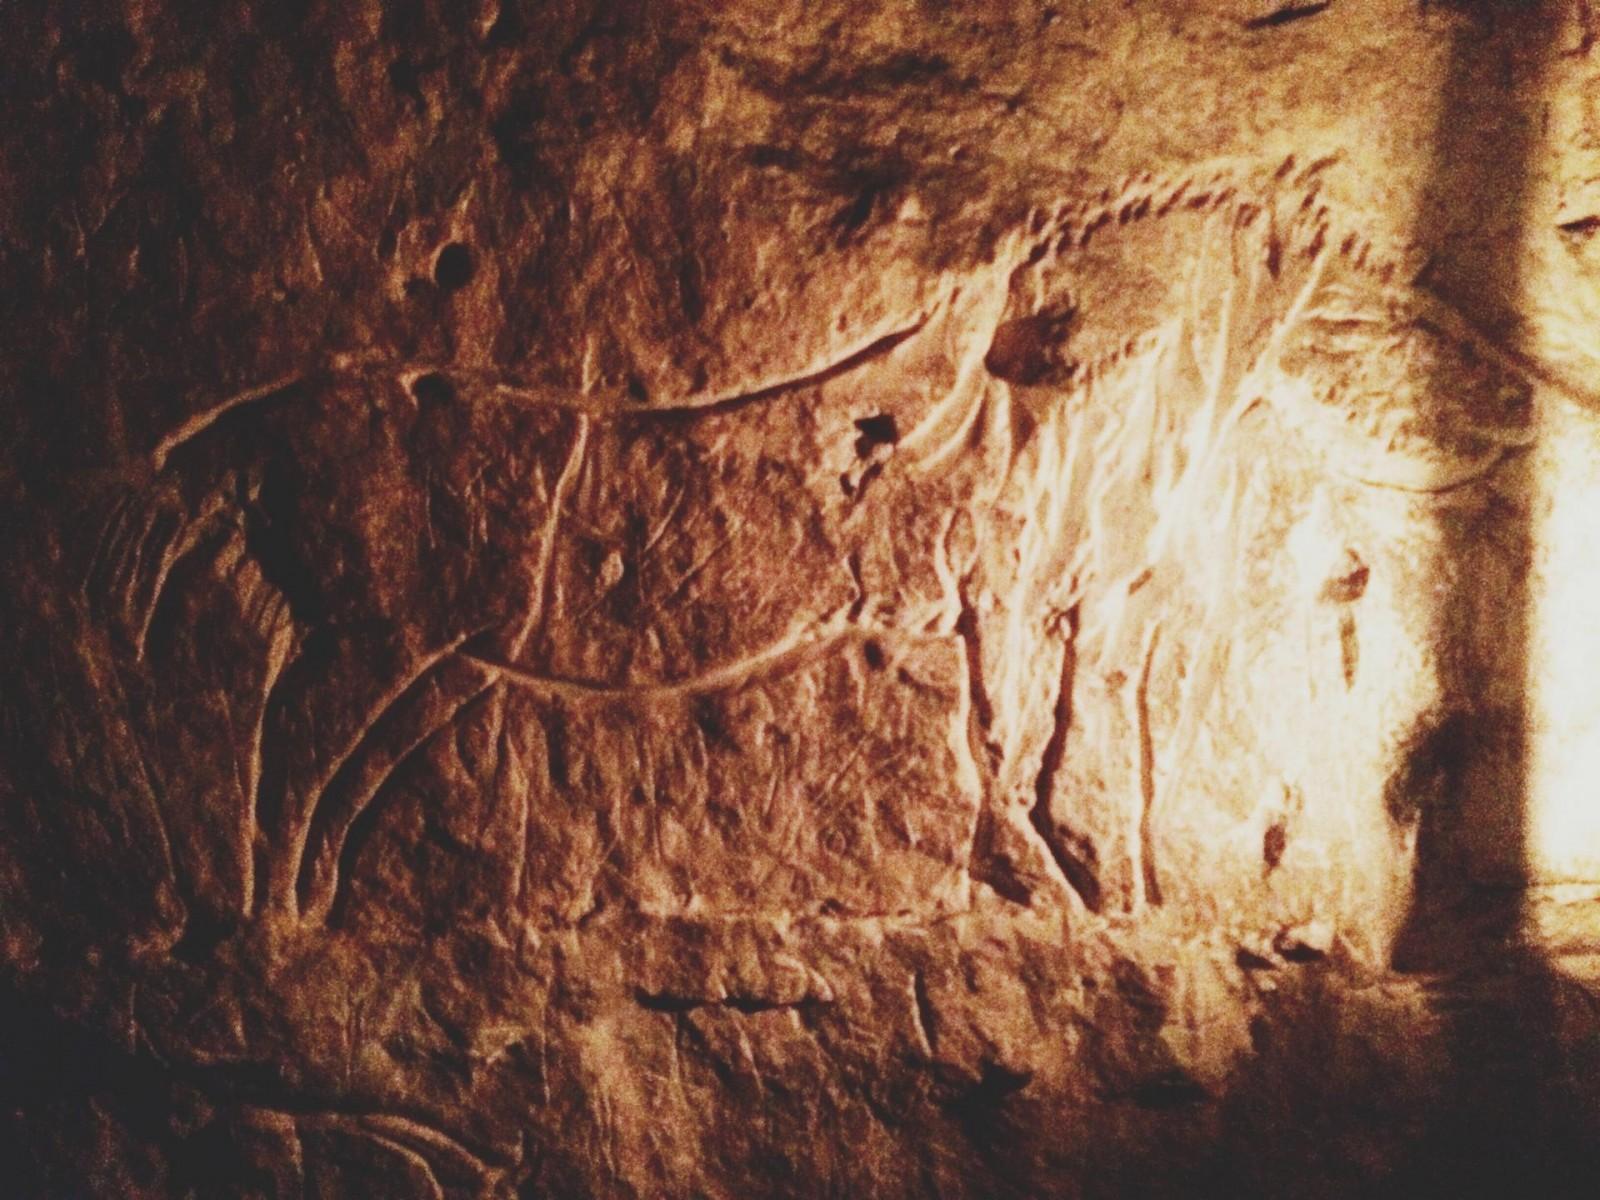 16. chislehurst caves